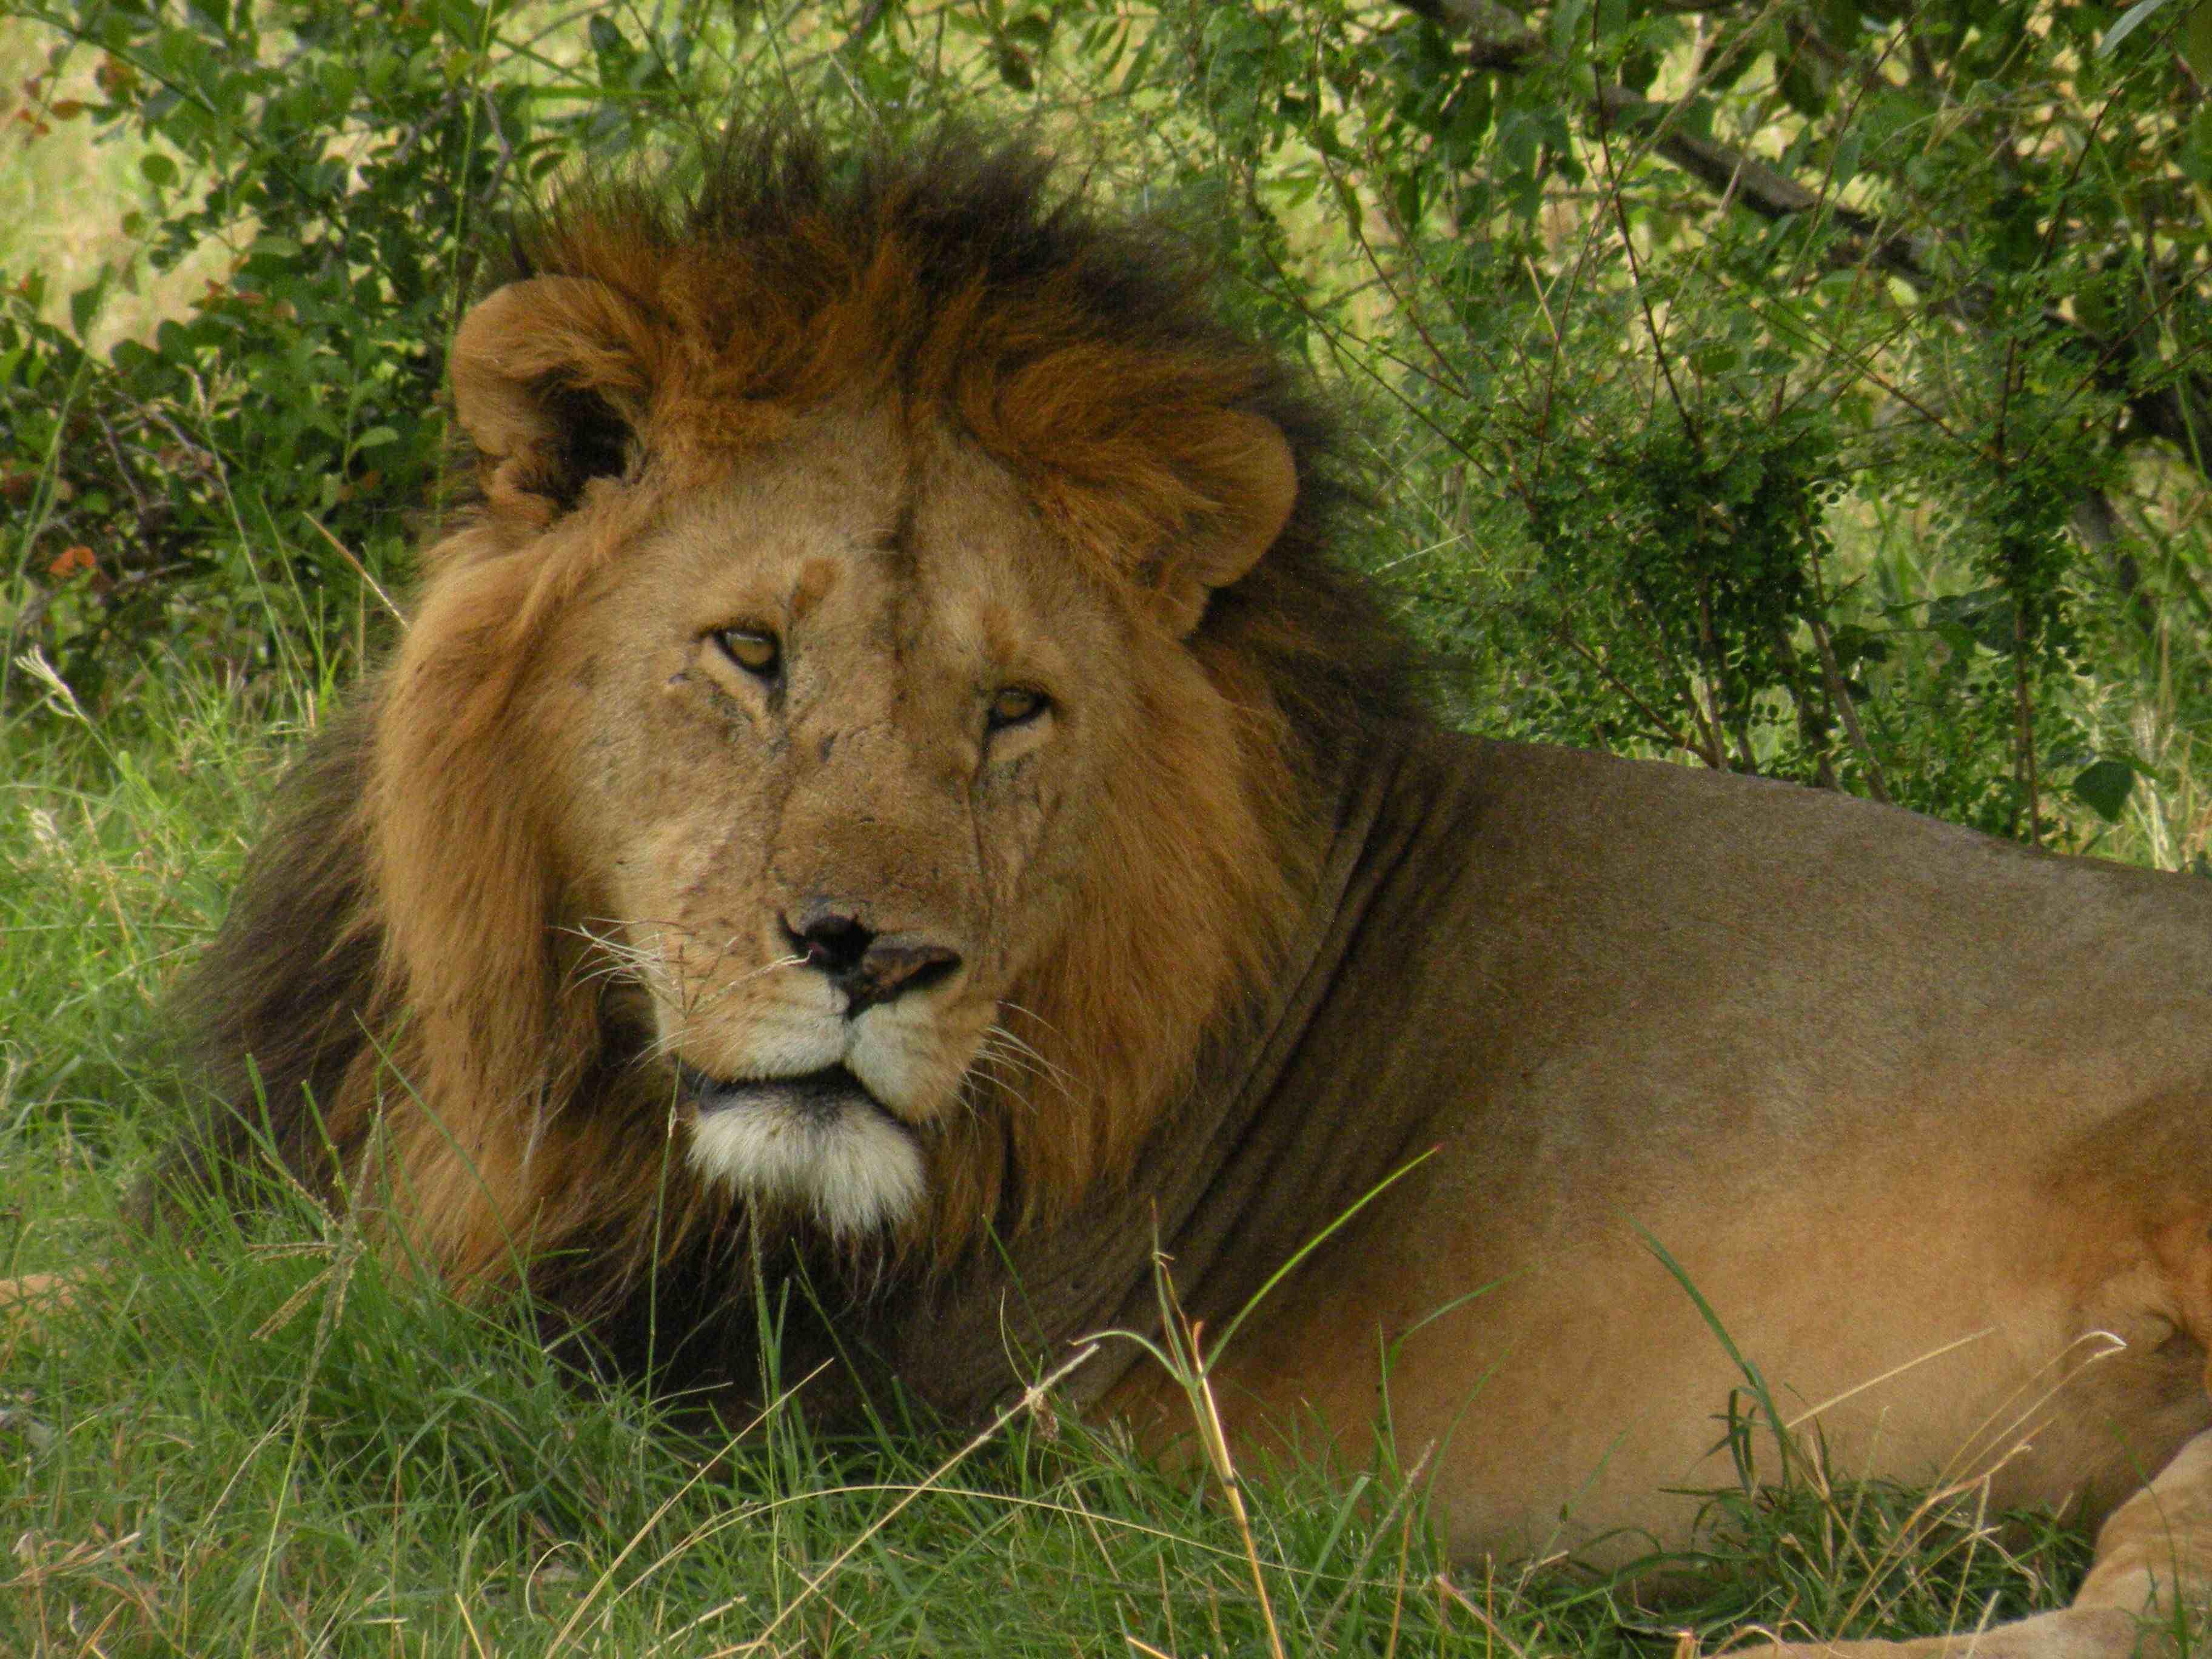 Dentista che uccise Cecil aveva il permesso: non sarà incriminato